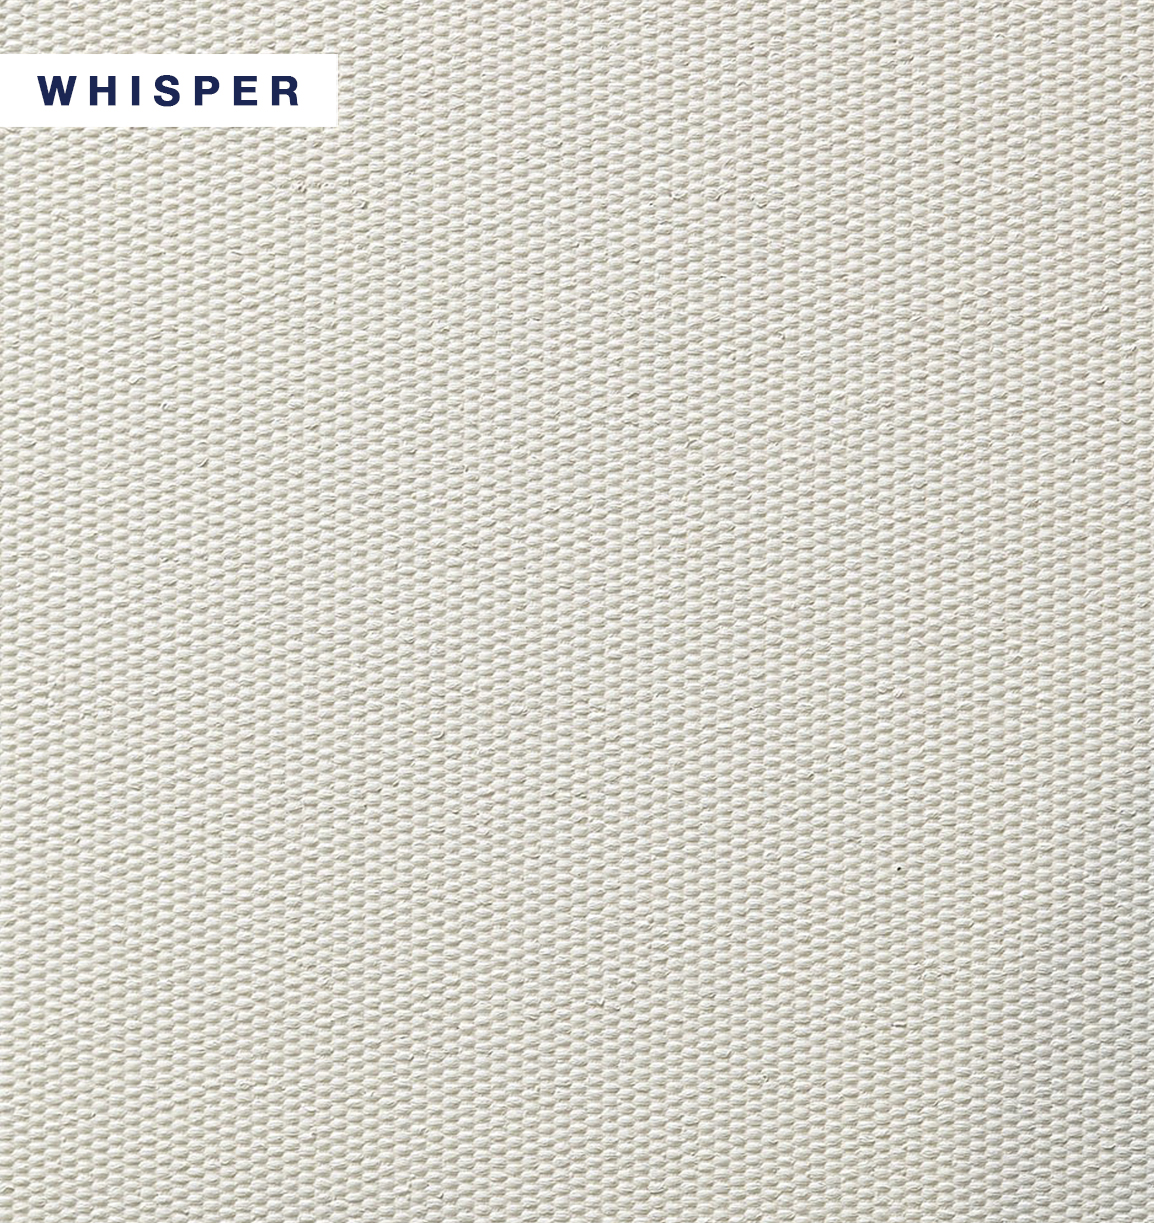 VIBE - Whisper.jpg